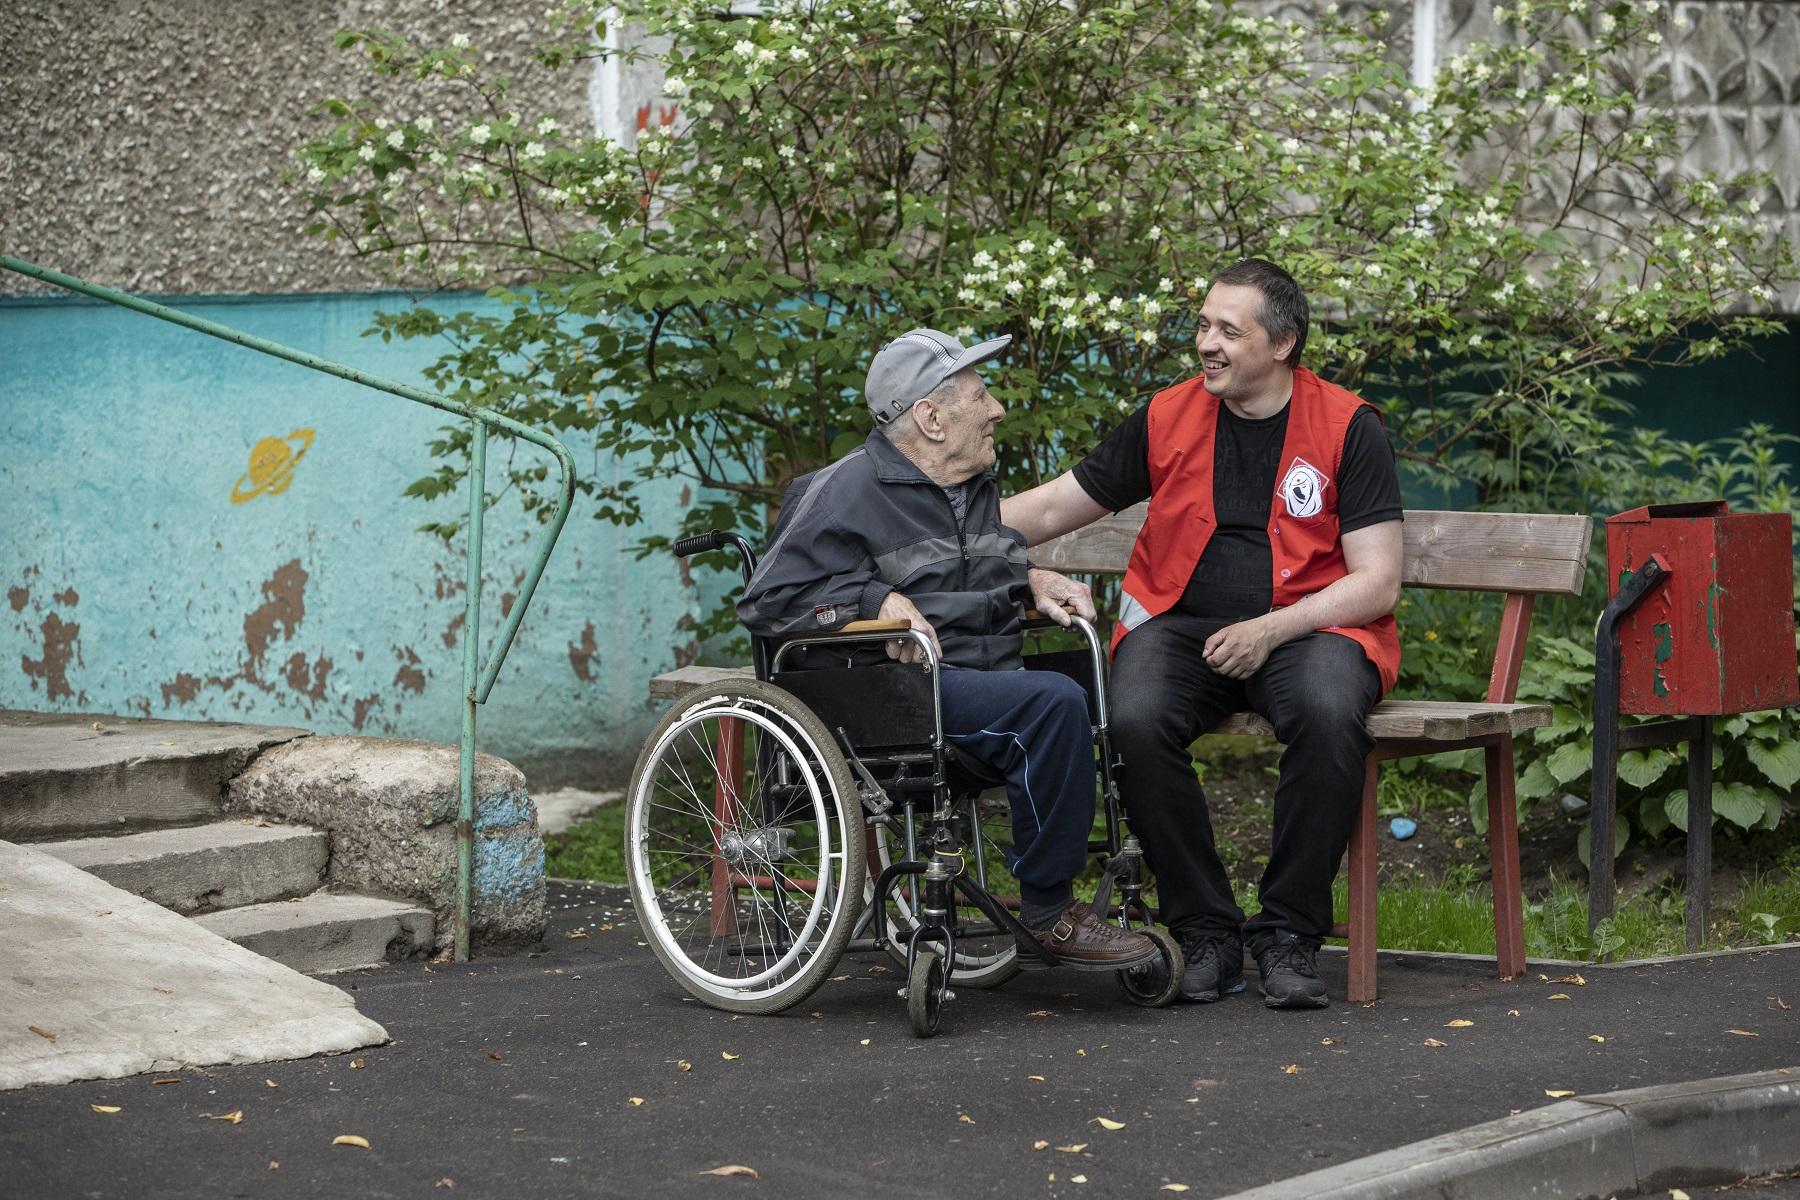 Lokale Rotkreuzgesellschaften auf dem Weg in die finanzielle Unabhängigkeit. © Monika Flückiger